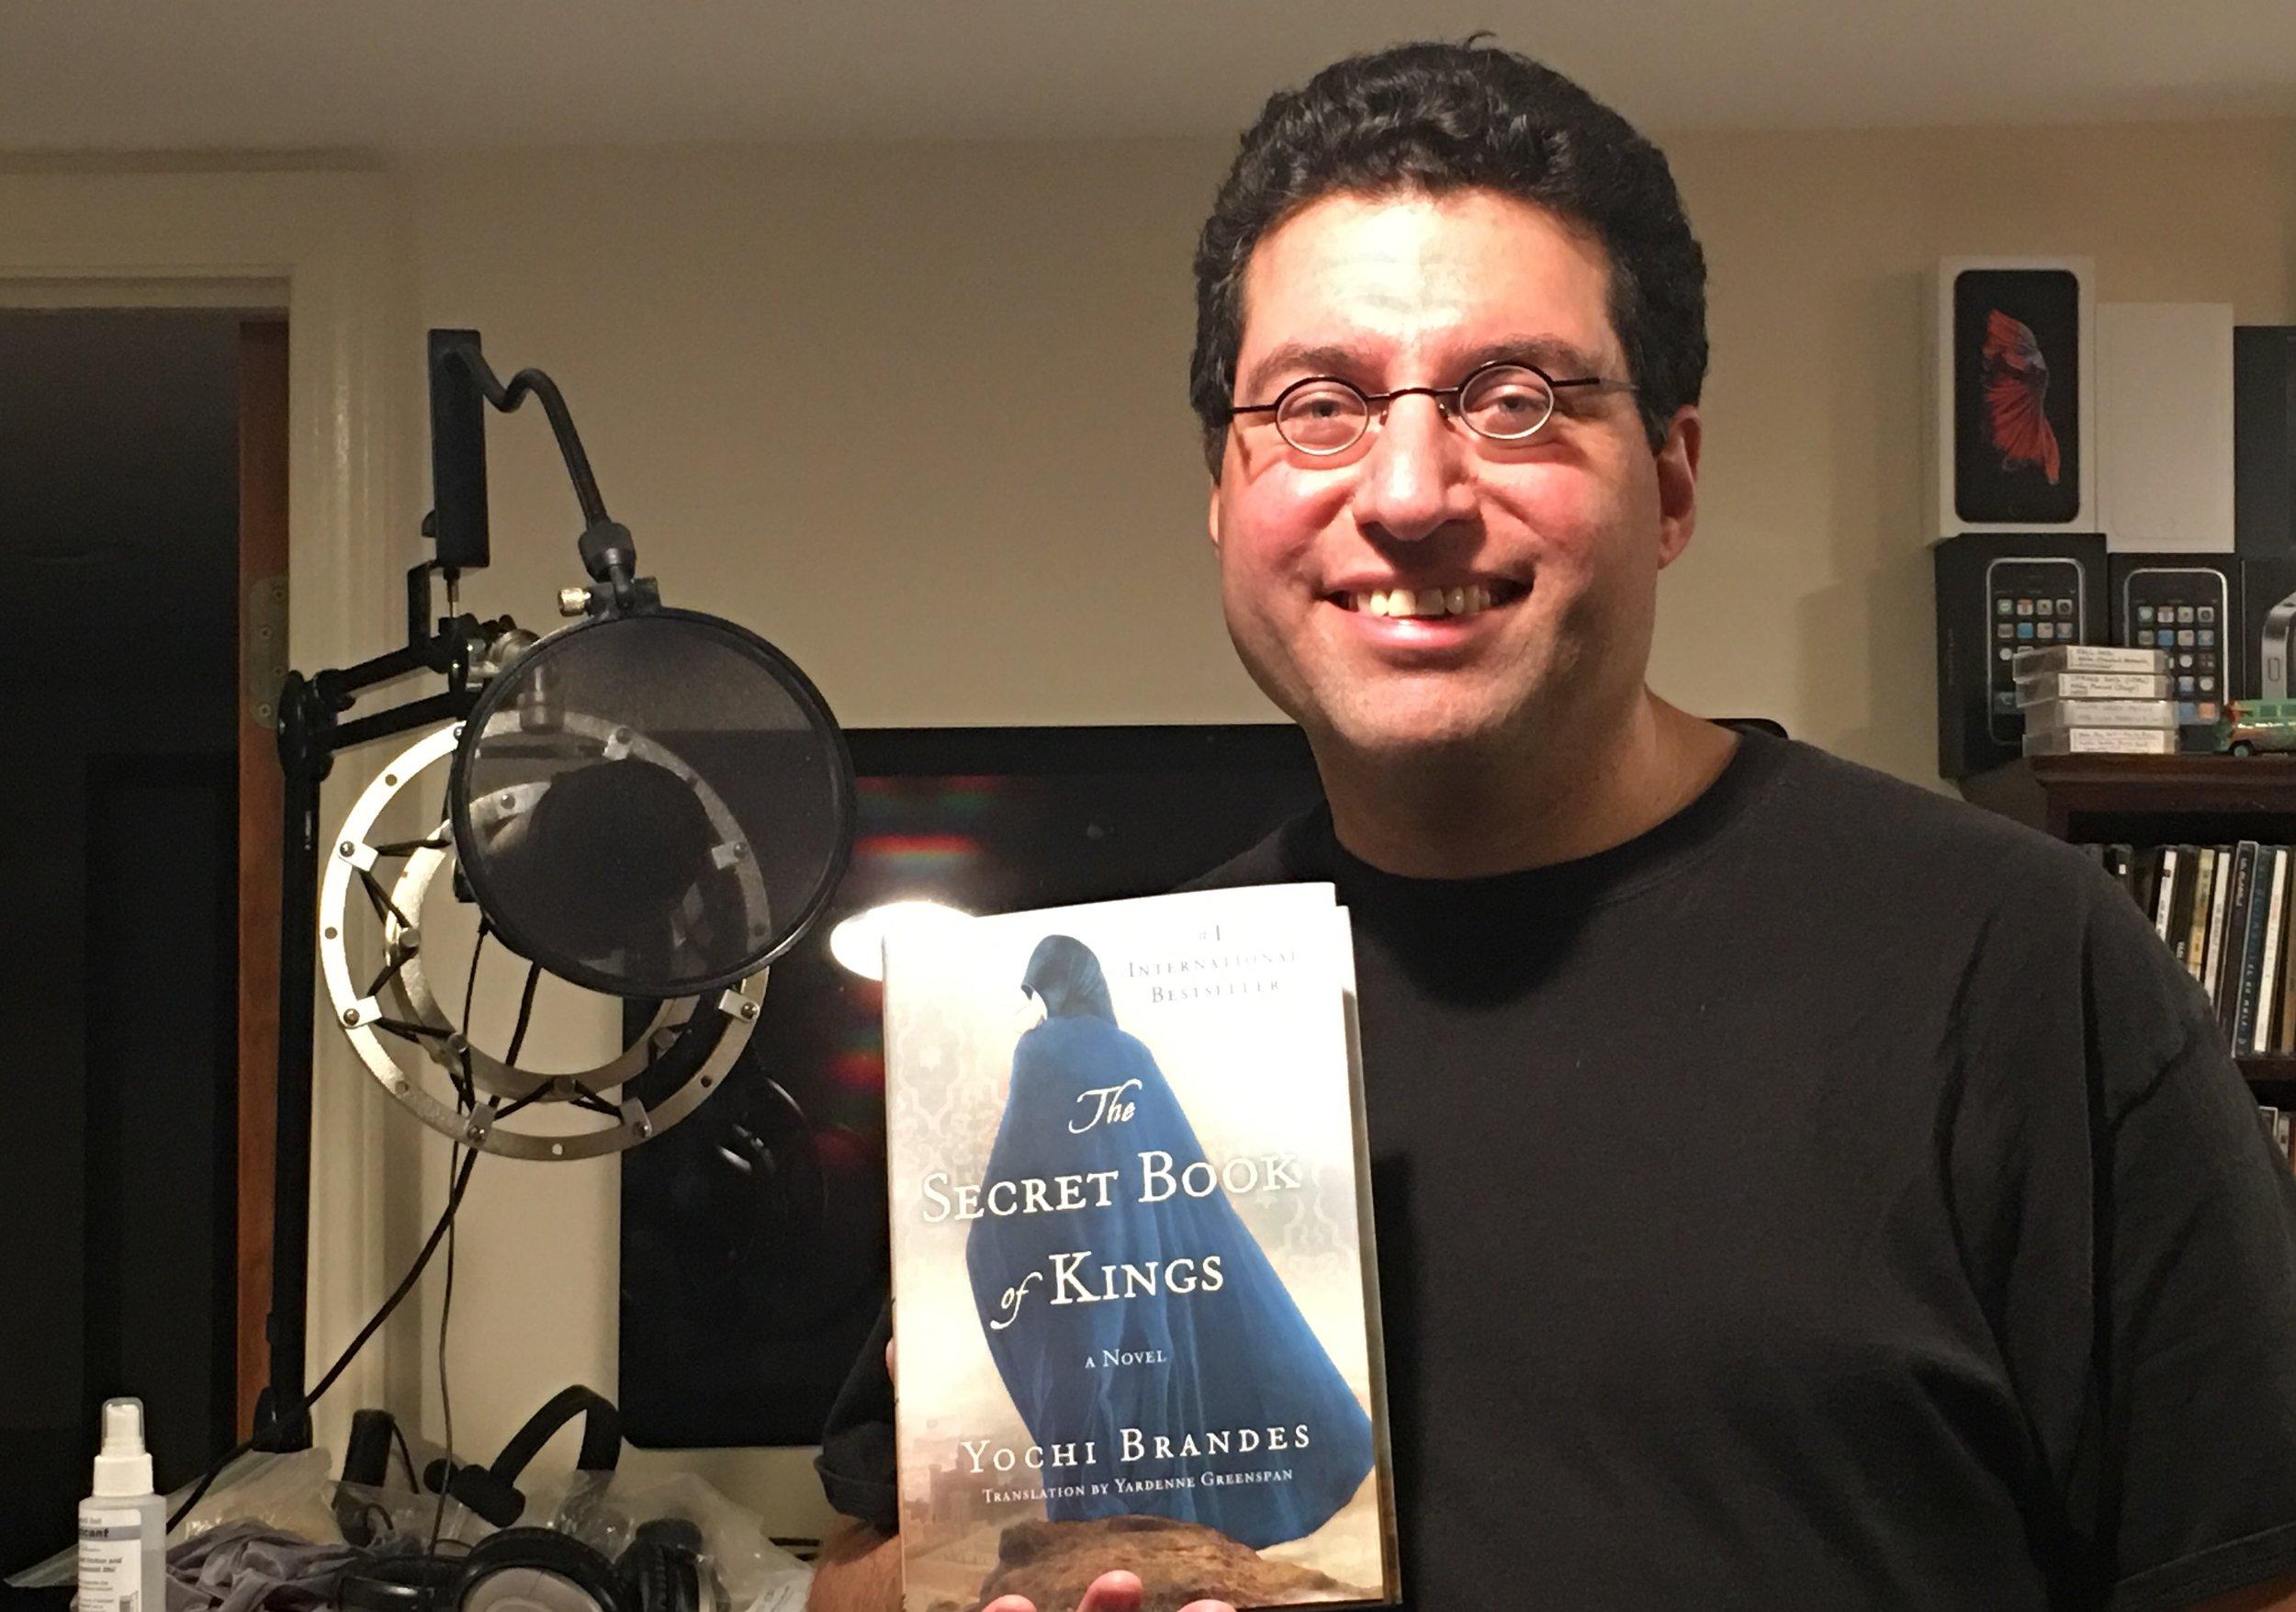 A Novel The Secret Book of Kings